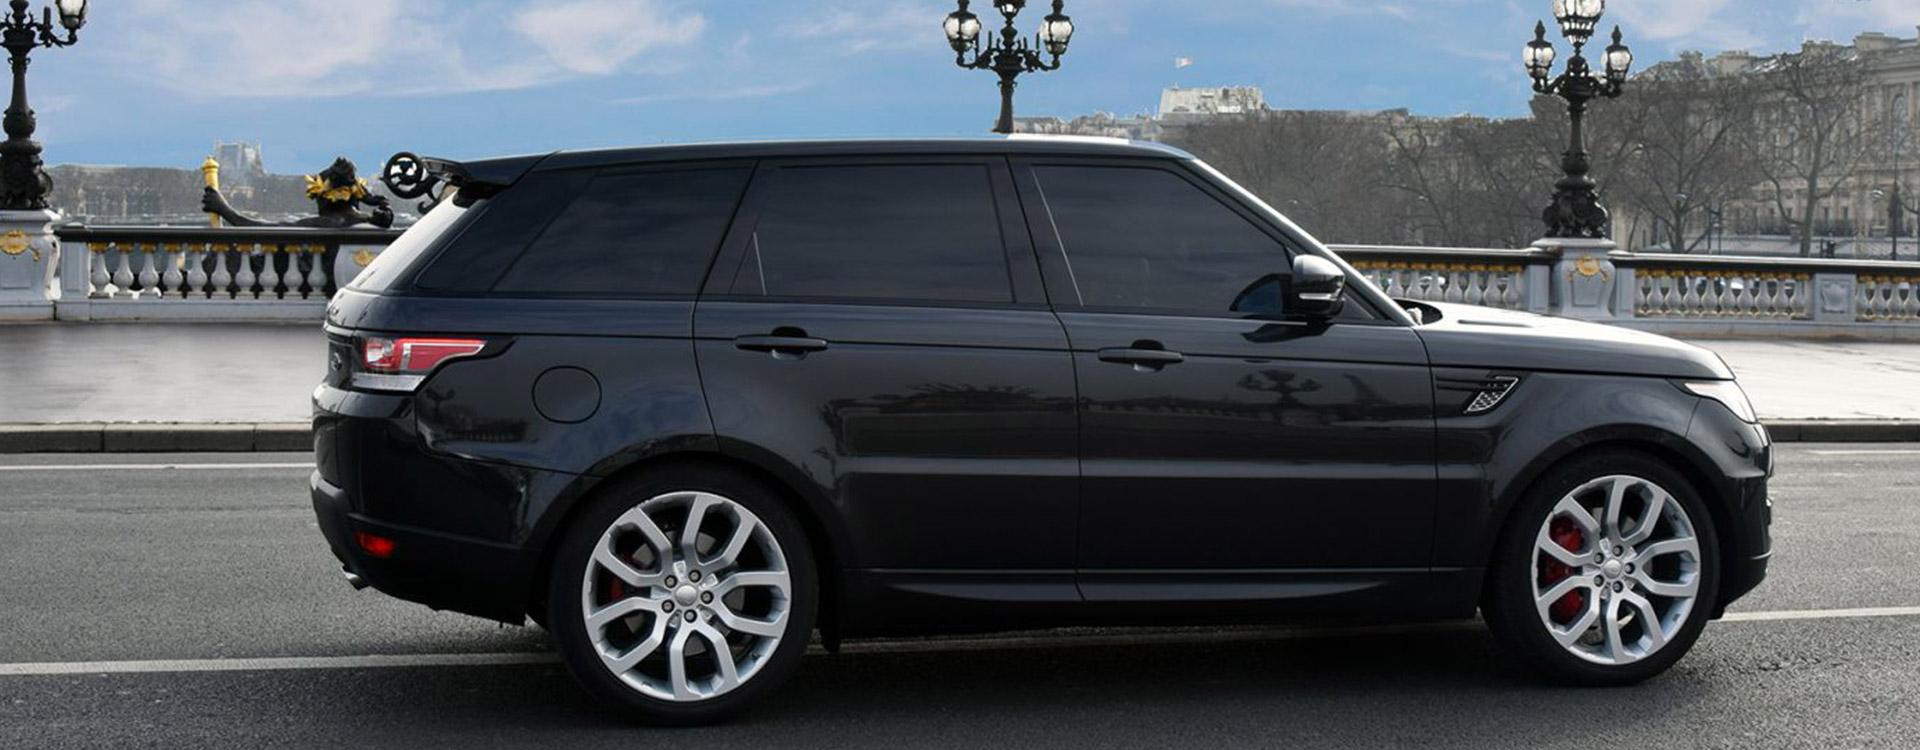 photos de voitures de sport exagon furtiveegt une voiture de sport lectrique franaise au. Black Bedroom Furniture Sets. Home Design Ideas